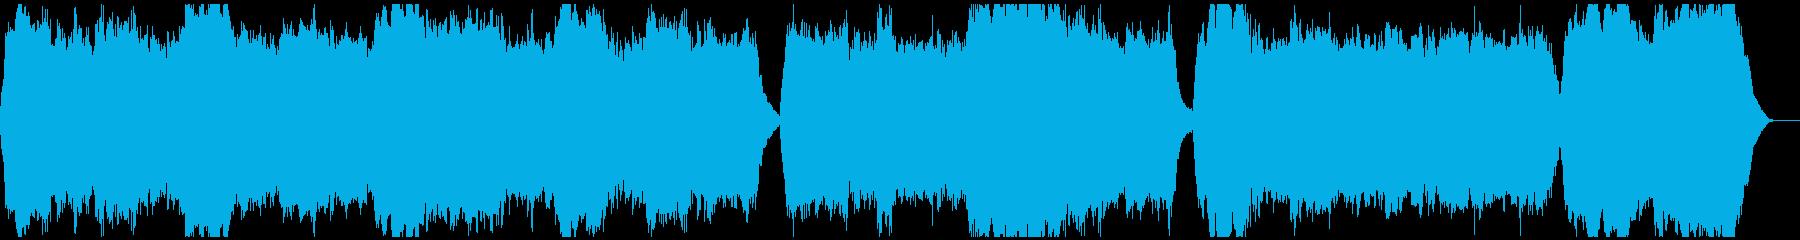 パイプオルガンによる厳粛なハーモニーの再生済みの波形